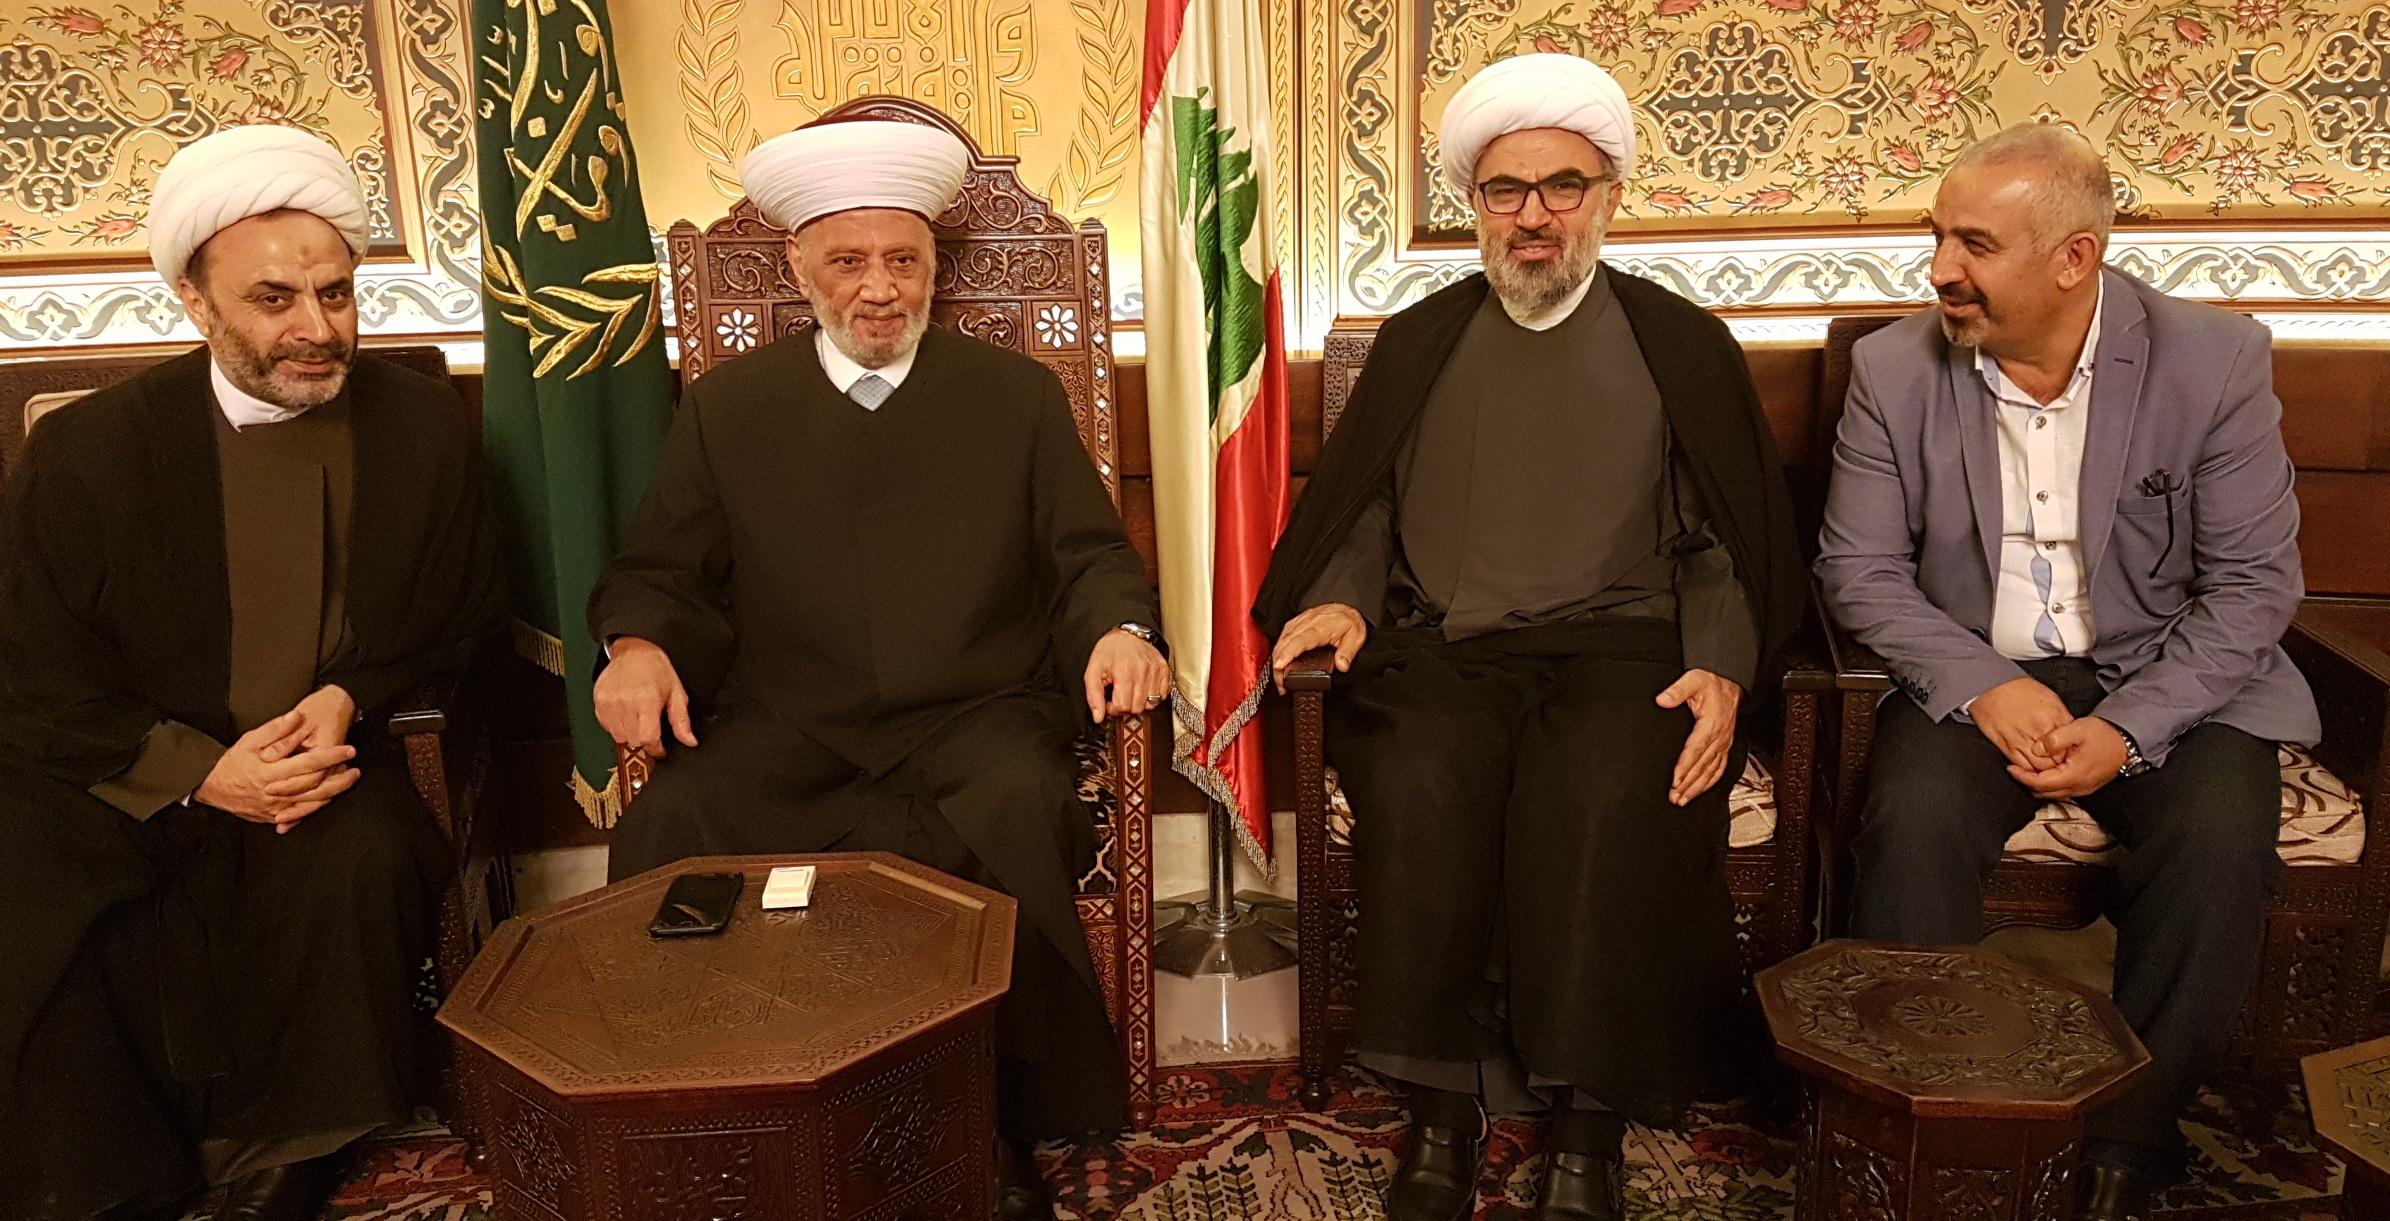 المفتي دريان مع وفد من مكتب السيد فضل الله 8-11-2018